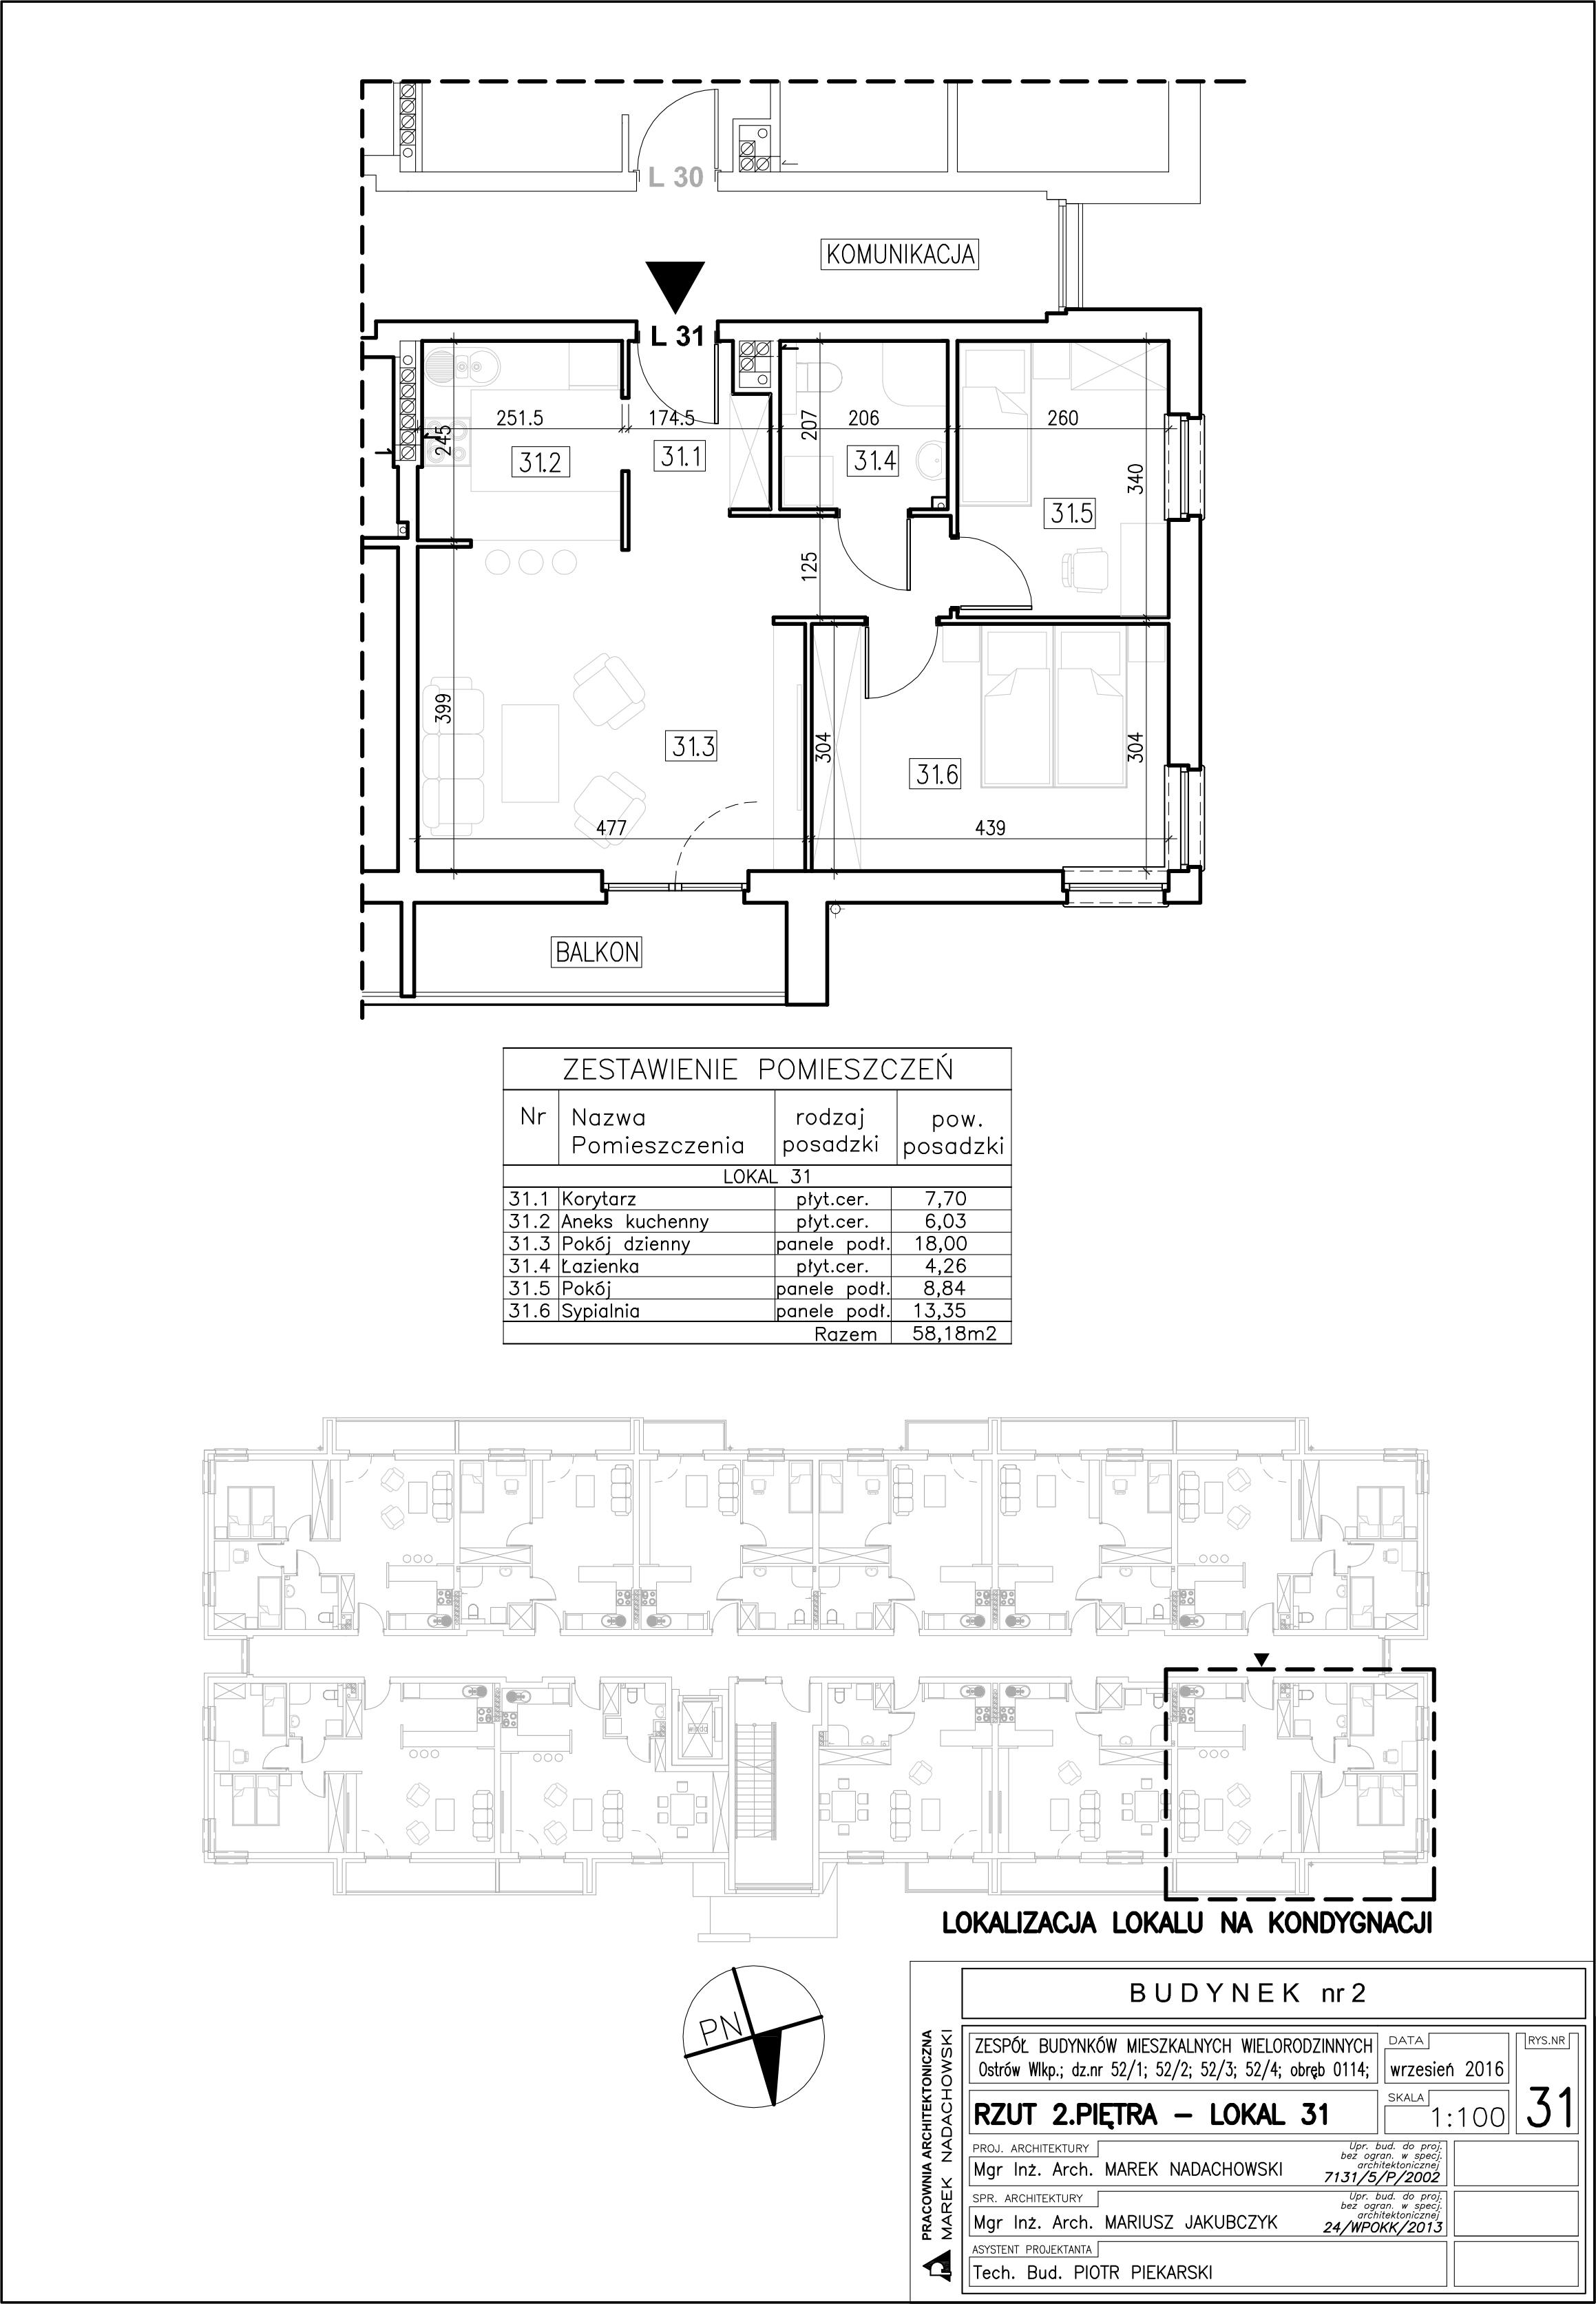 Lokal nr 31 Powierzchnia: 58,18 m2